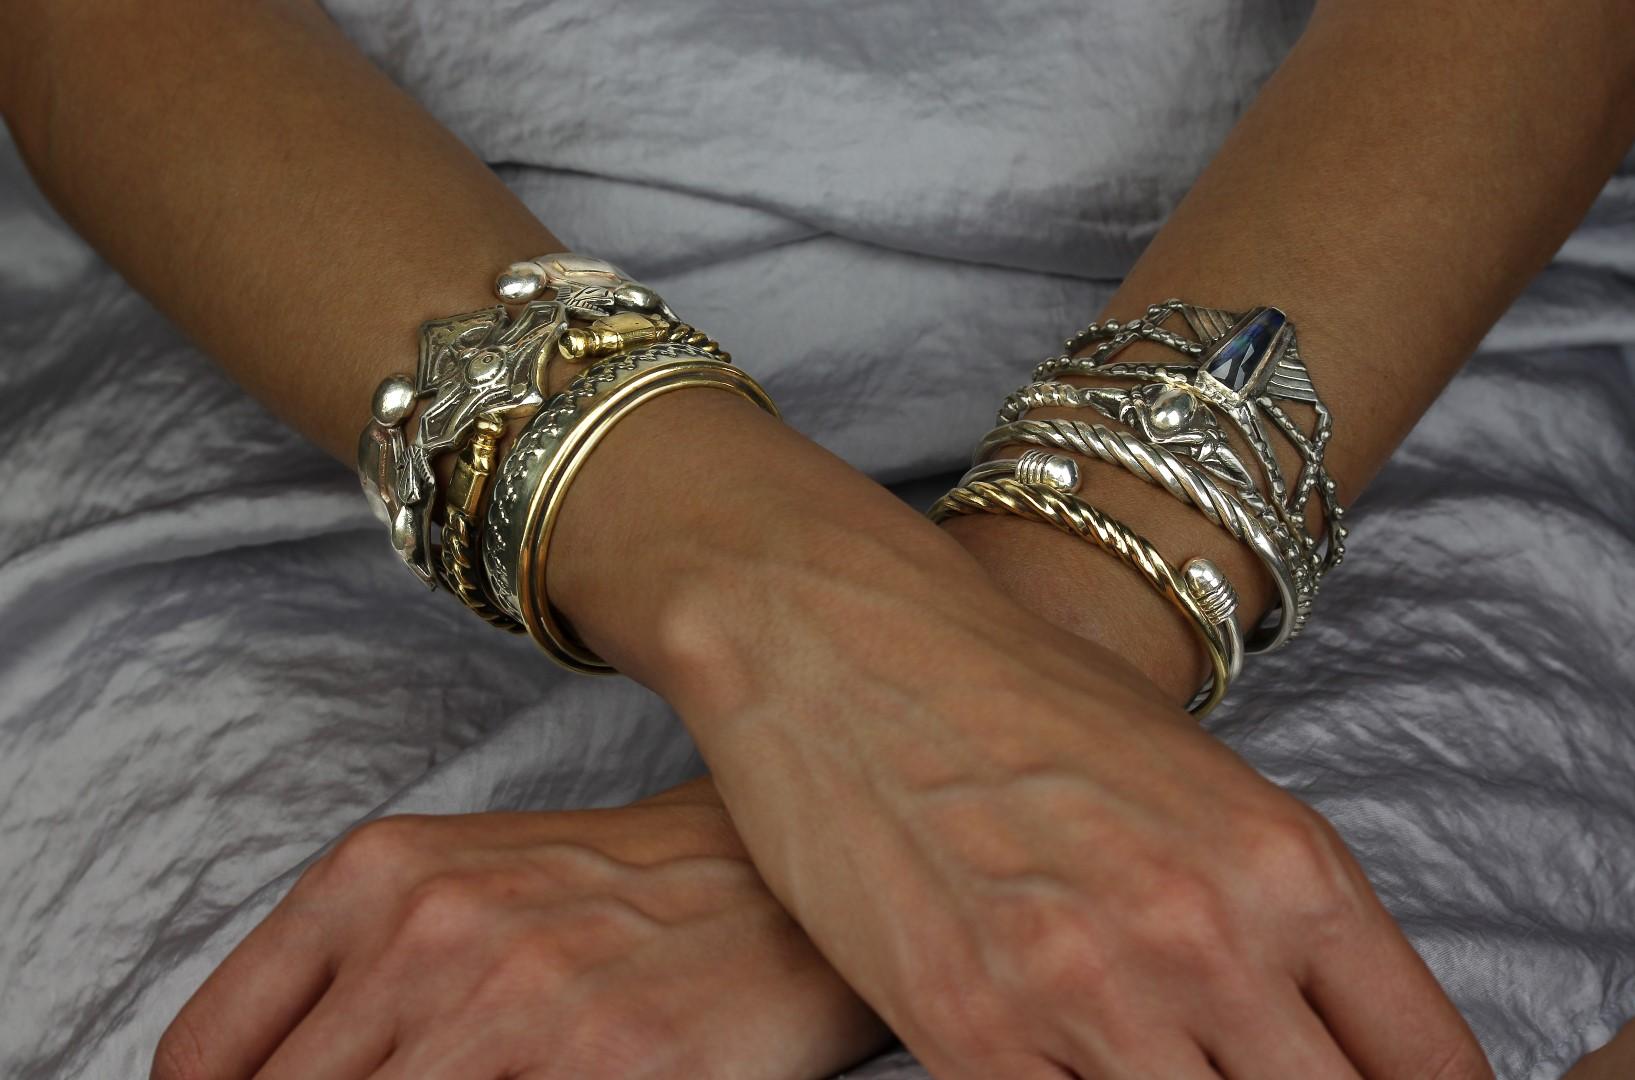 Bond silver Chain Cuff